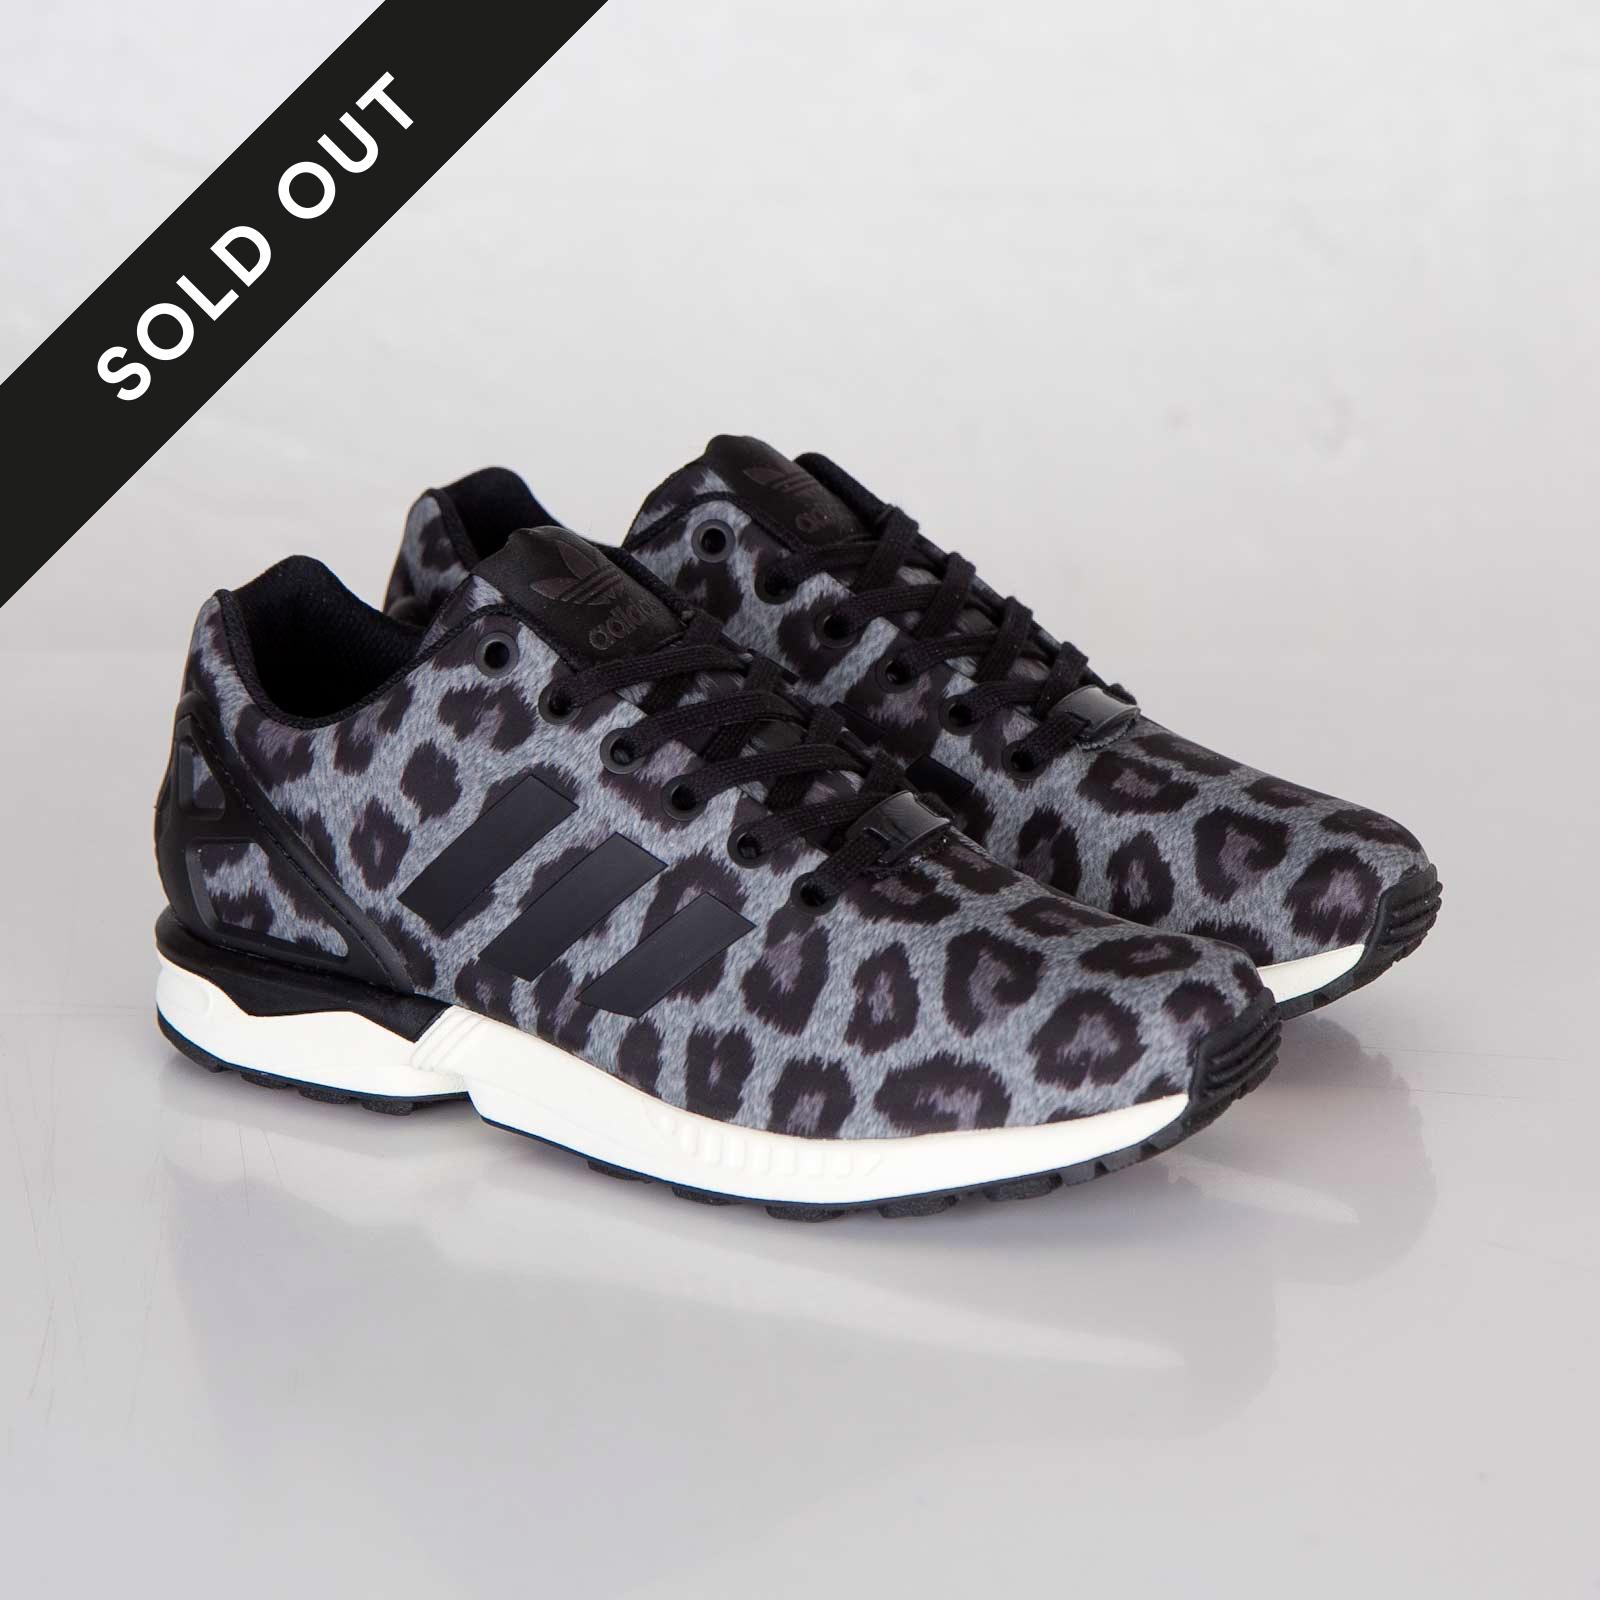 bas prix 3e176 8fbf2 adidas ZX Flux - Snow Leopard - M21667 - Sneakersnstuff ...